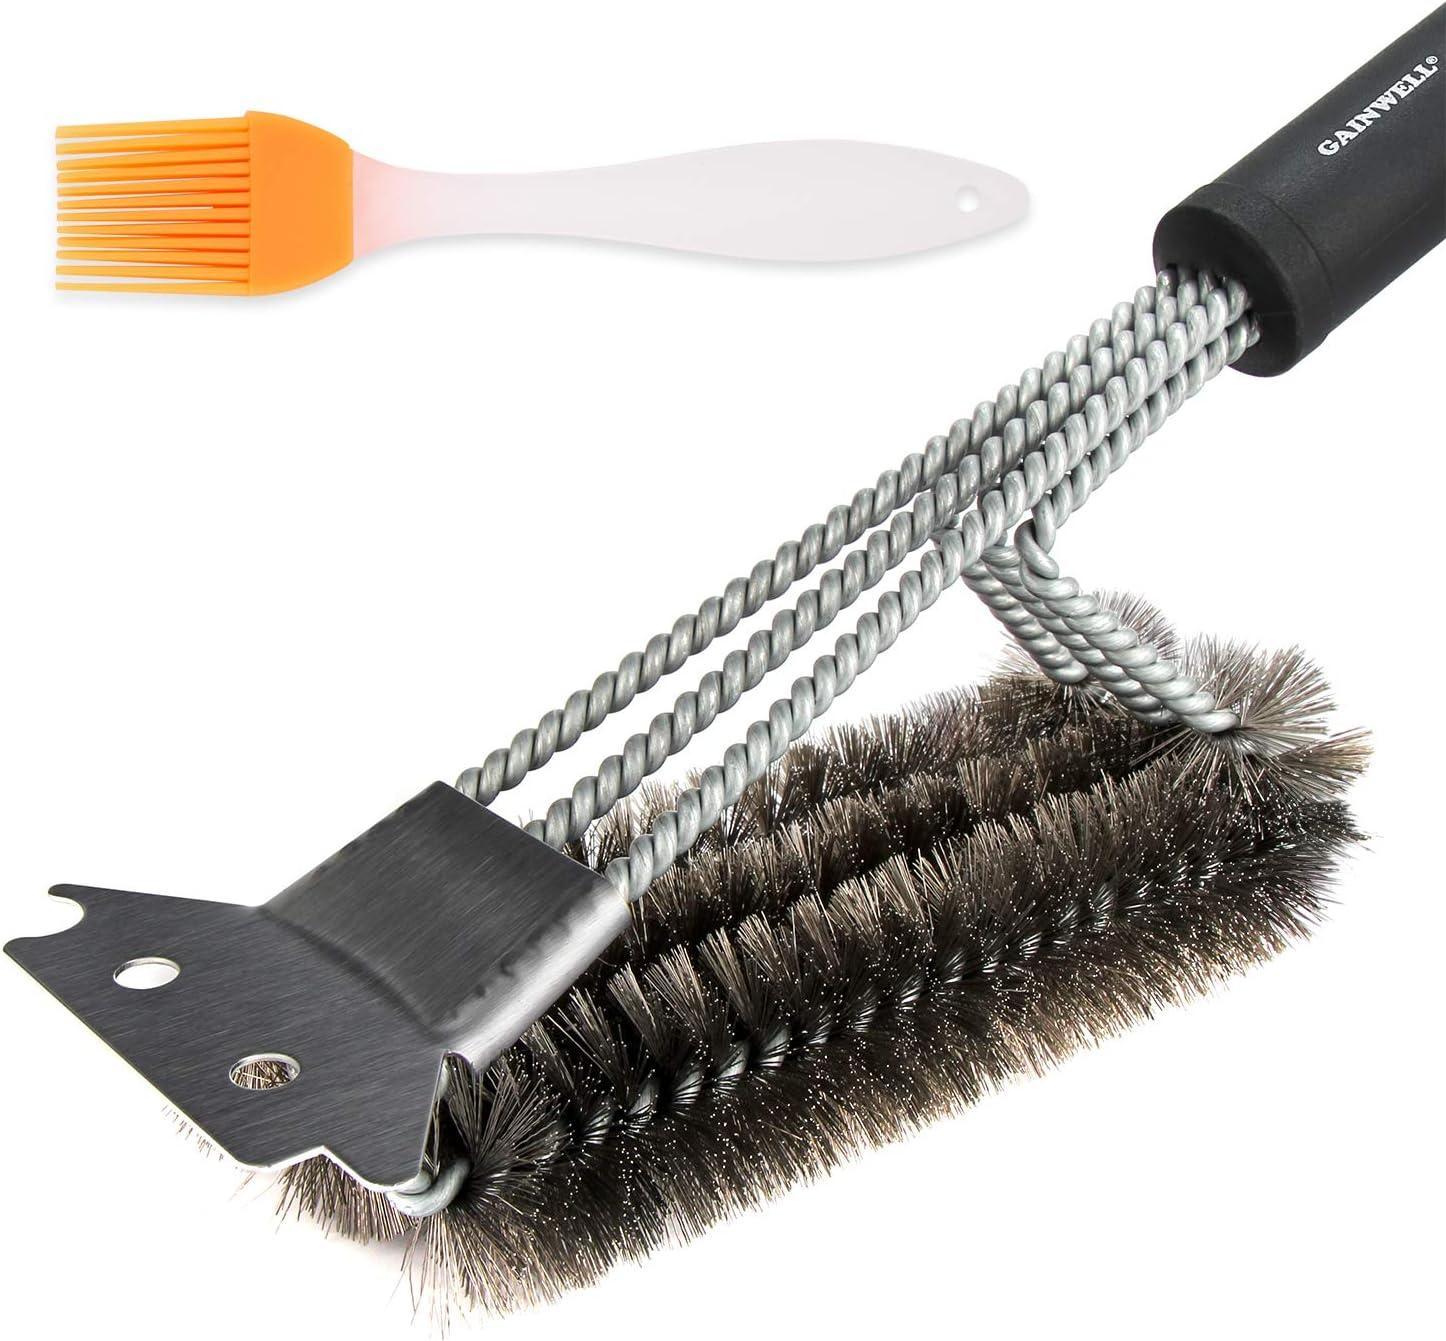 GAINWELL Conjunto de Cepillos y Raspadores para Parrilla - Accesorios de Limpieza de Alta Resistencia para Barbacoa - Cerdas Rígidas Seguras de Alambre de Acero Inoxidable - Mango Largo de 43cm